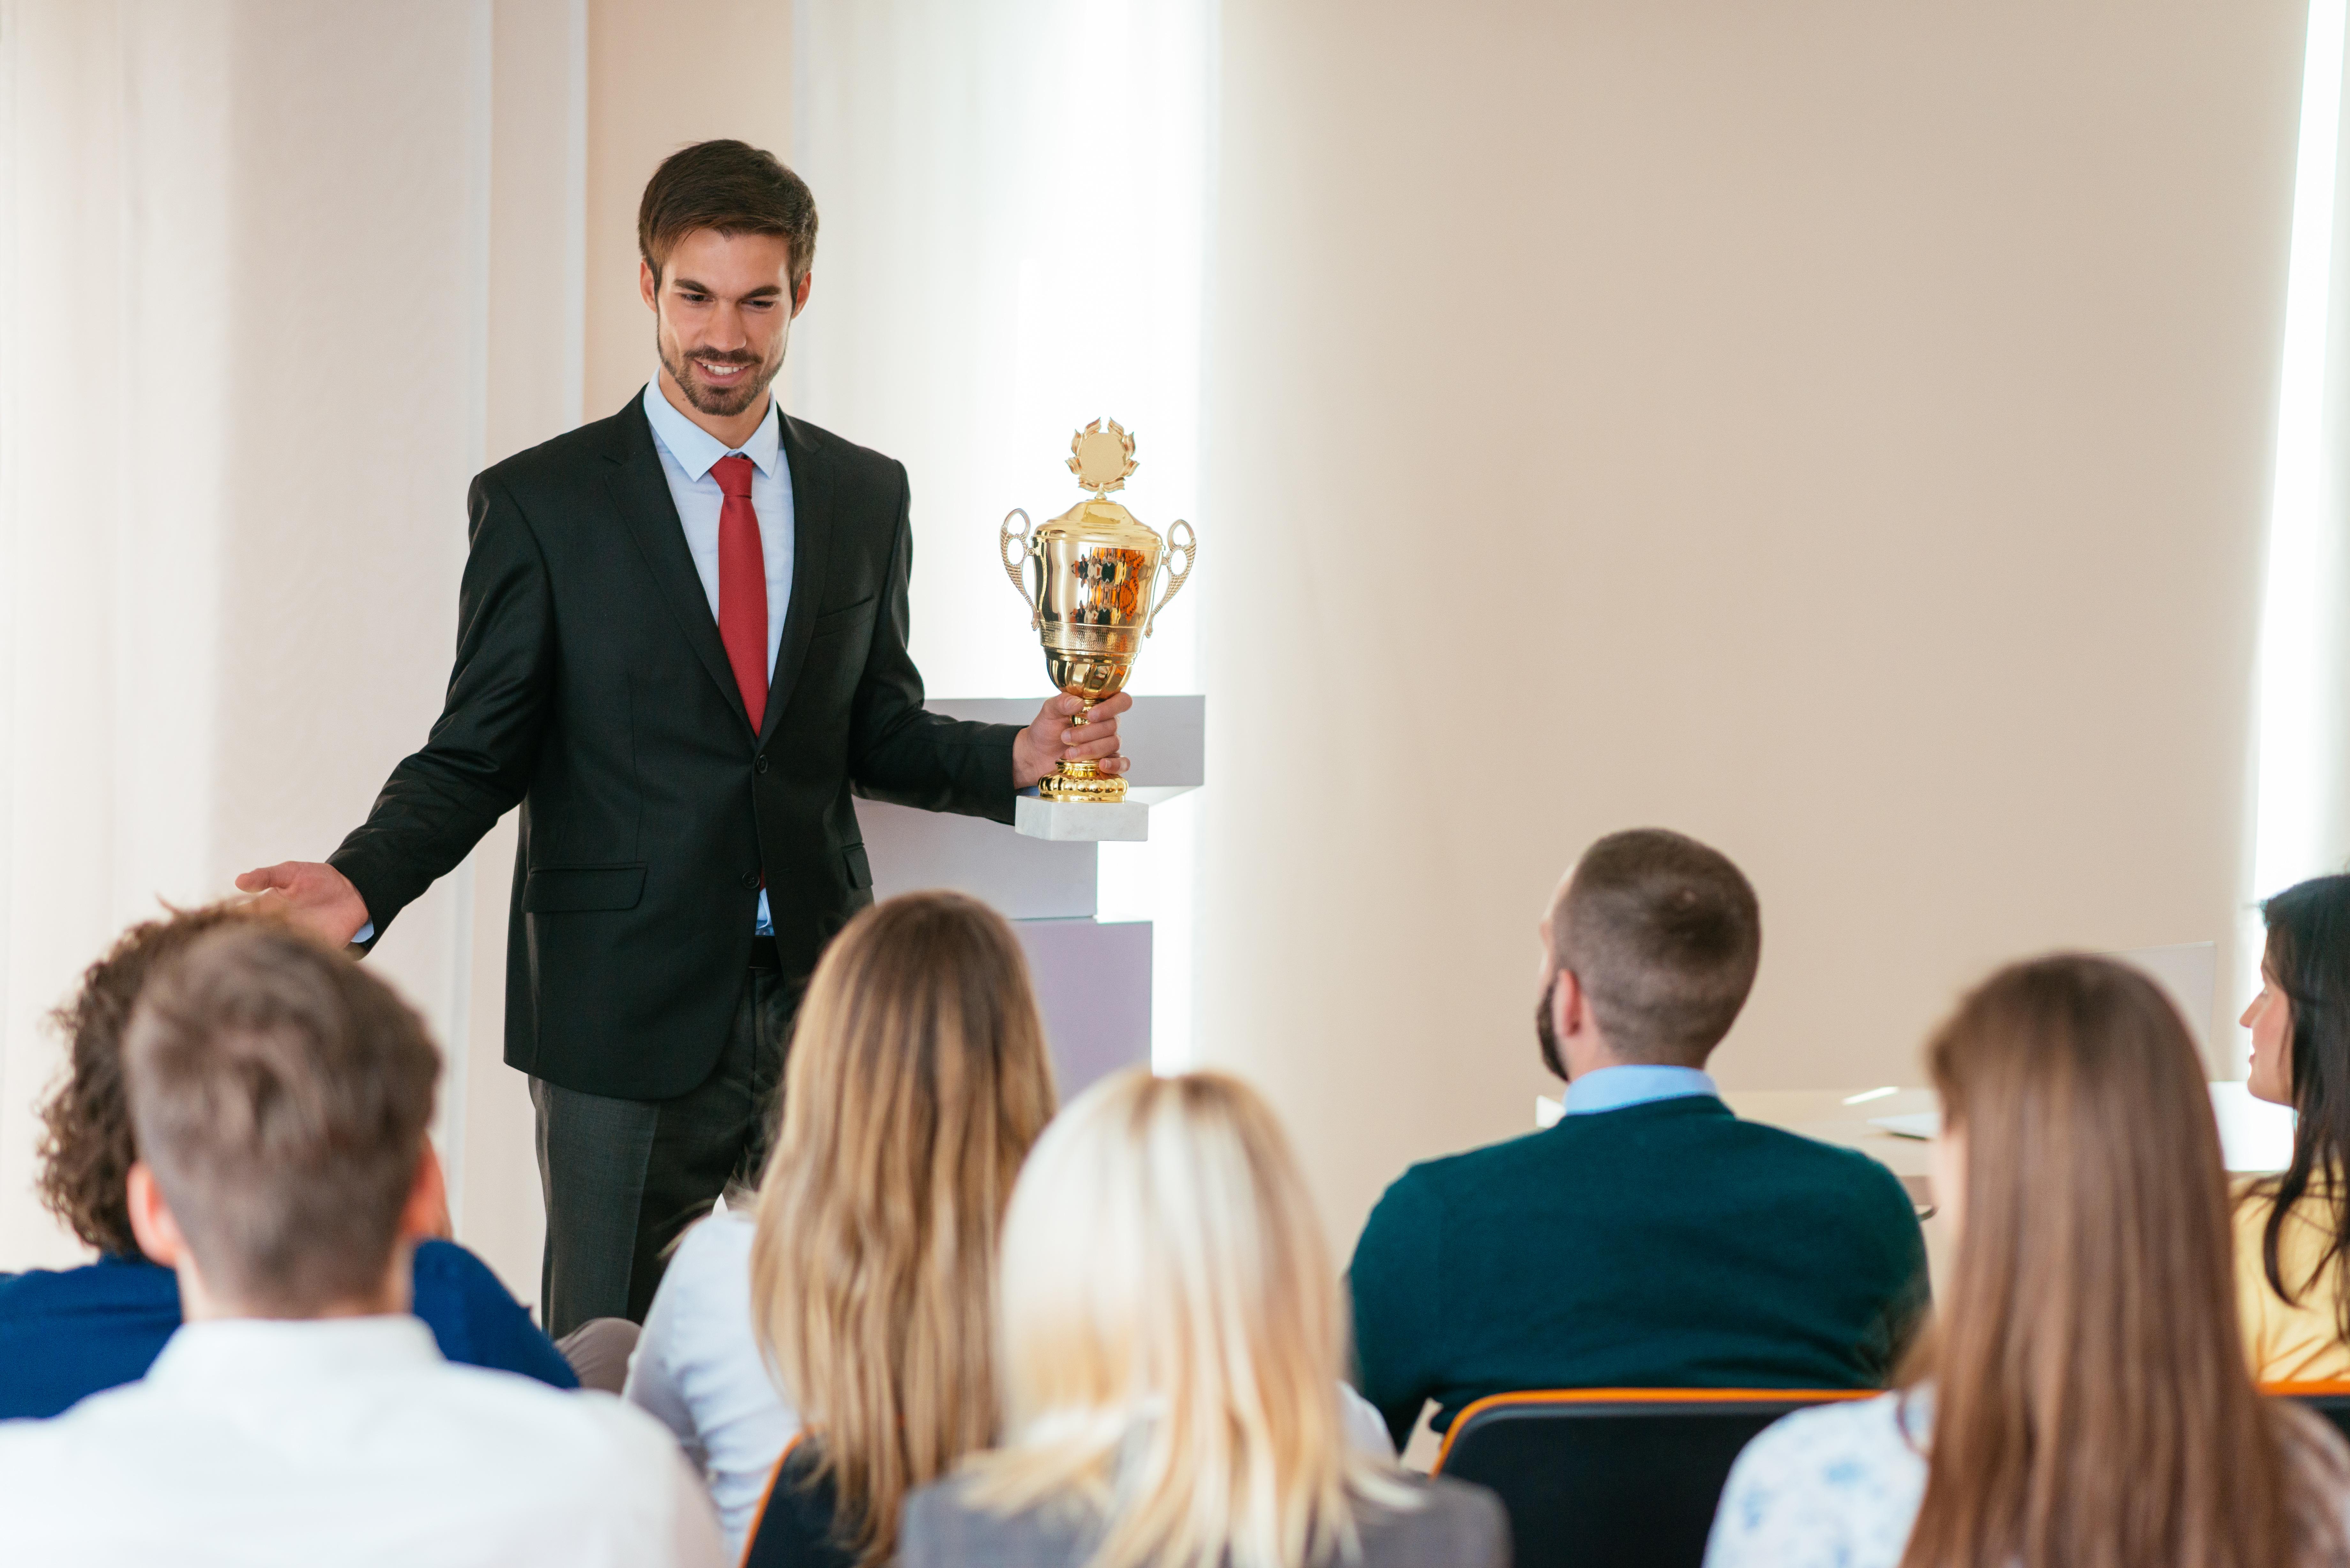 Man receiving trophy